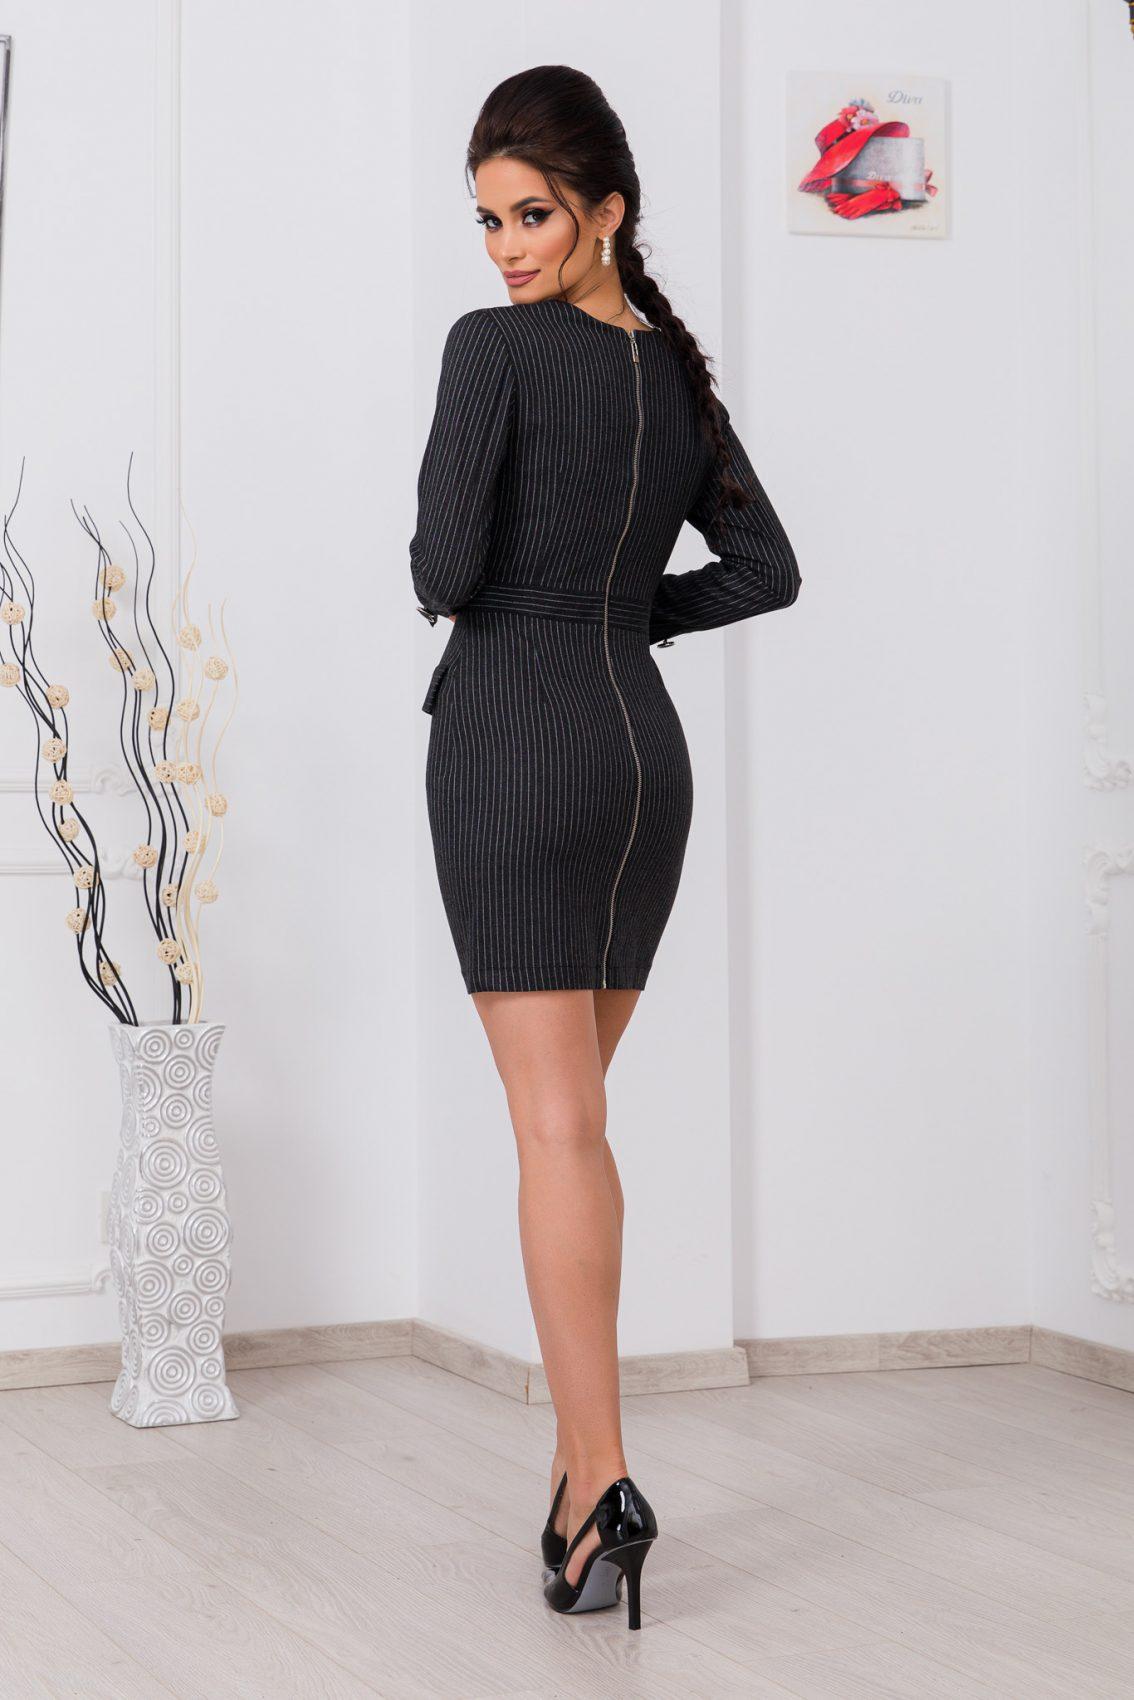 Γκρι Μίνι Ριγέ Φόρεμα Lineea 9790 2